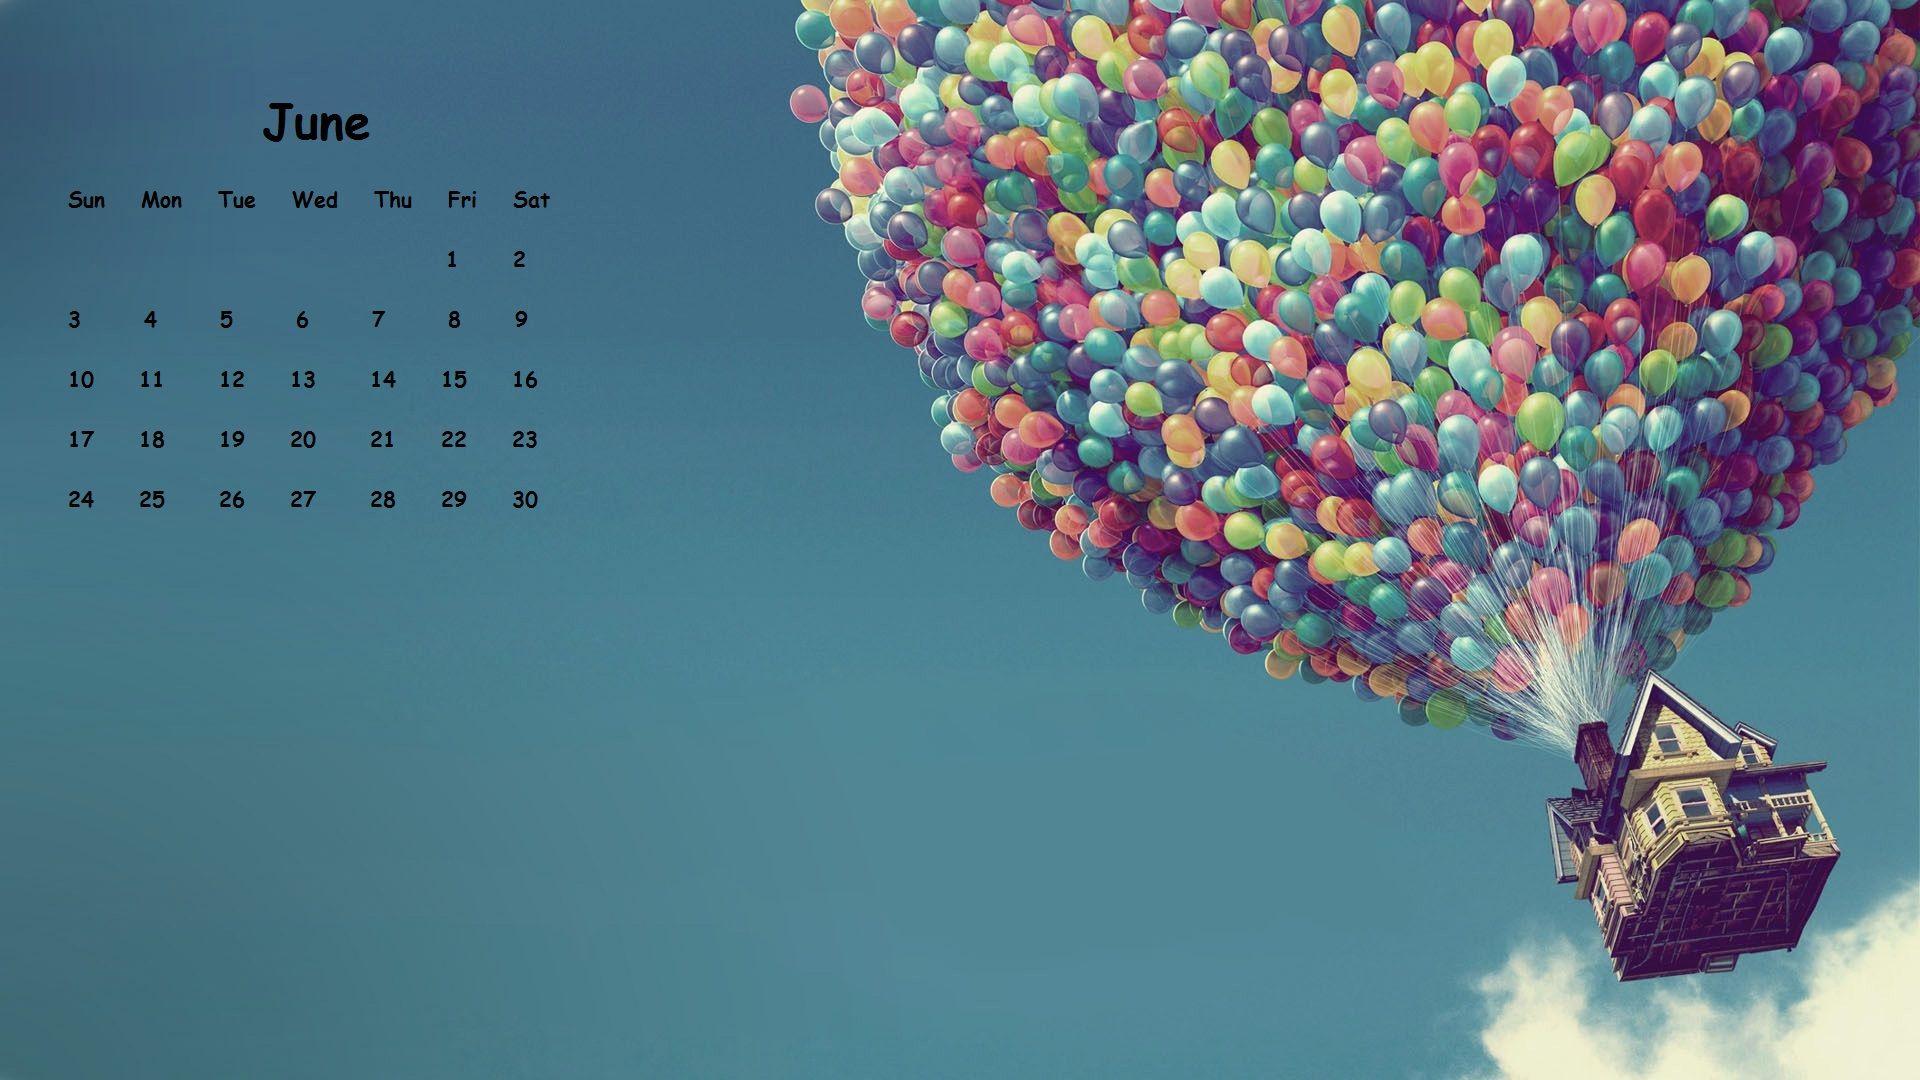 June 2018 Desktop Calendar Wallpaper Calendar 2018 Desktop 1920x1080